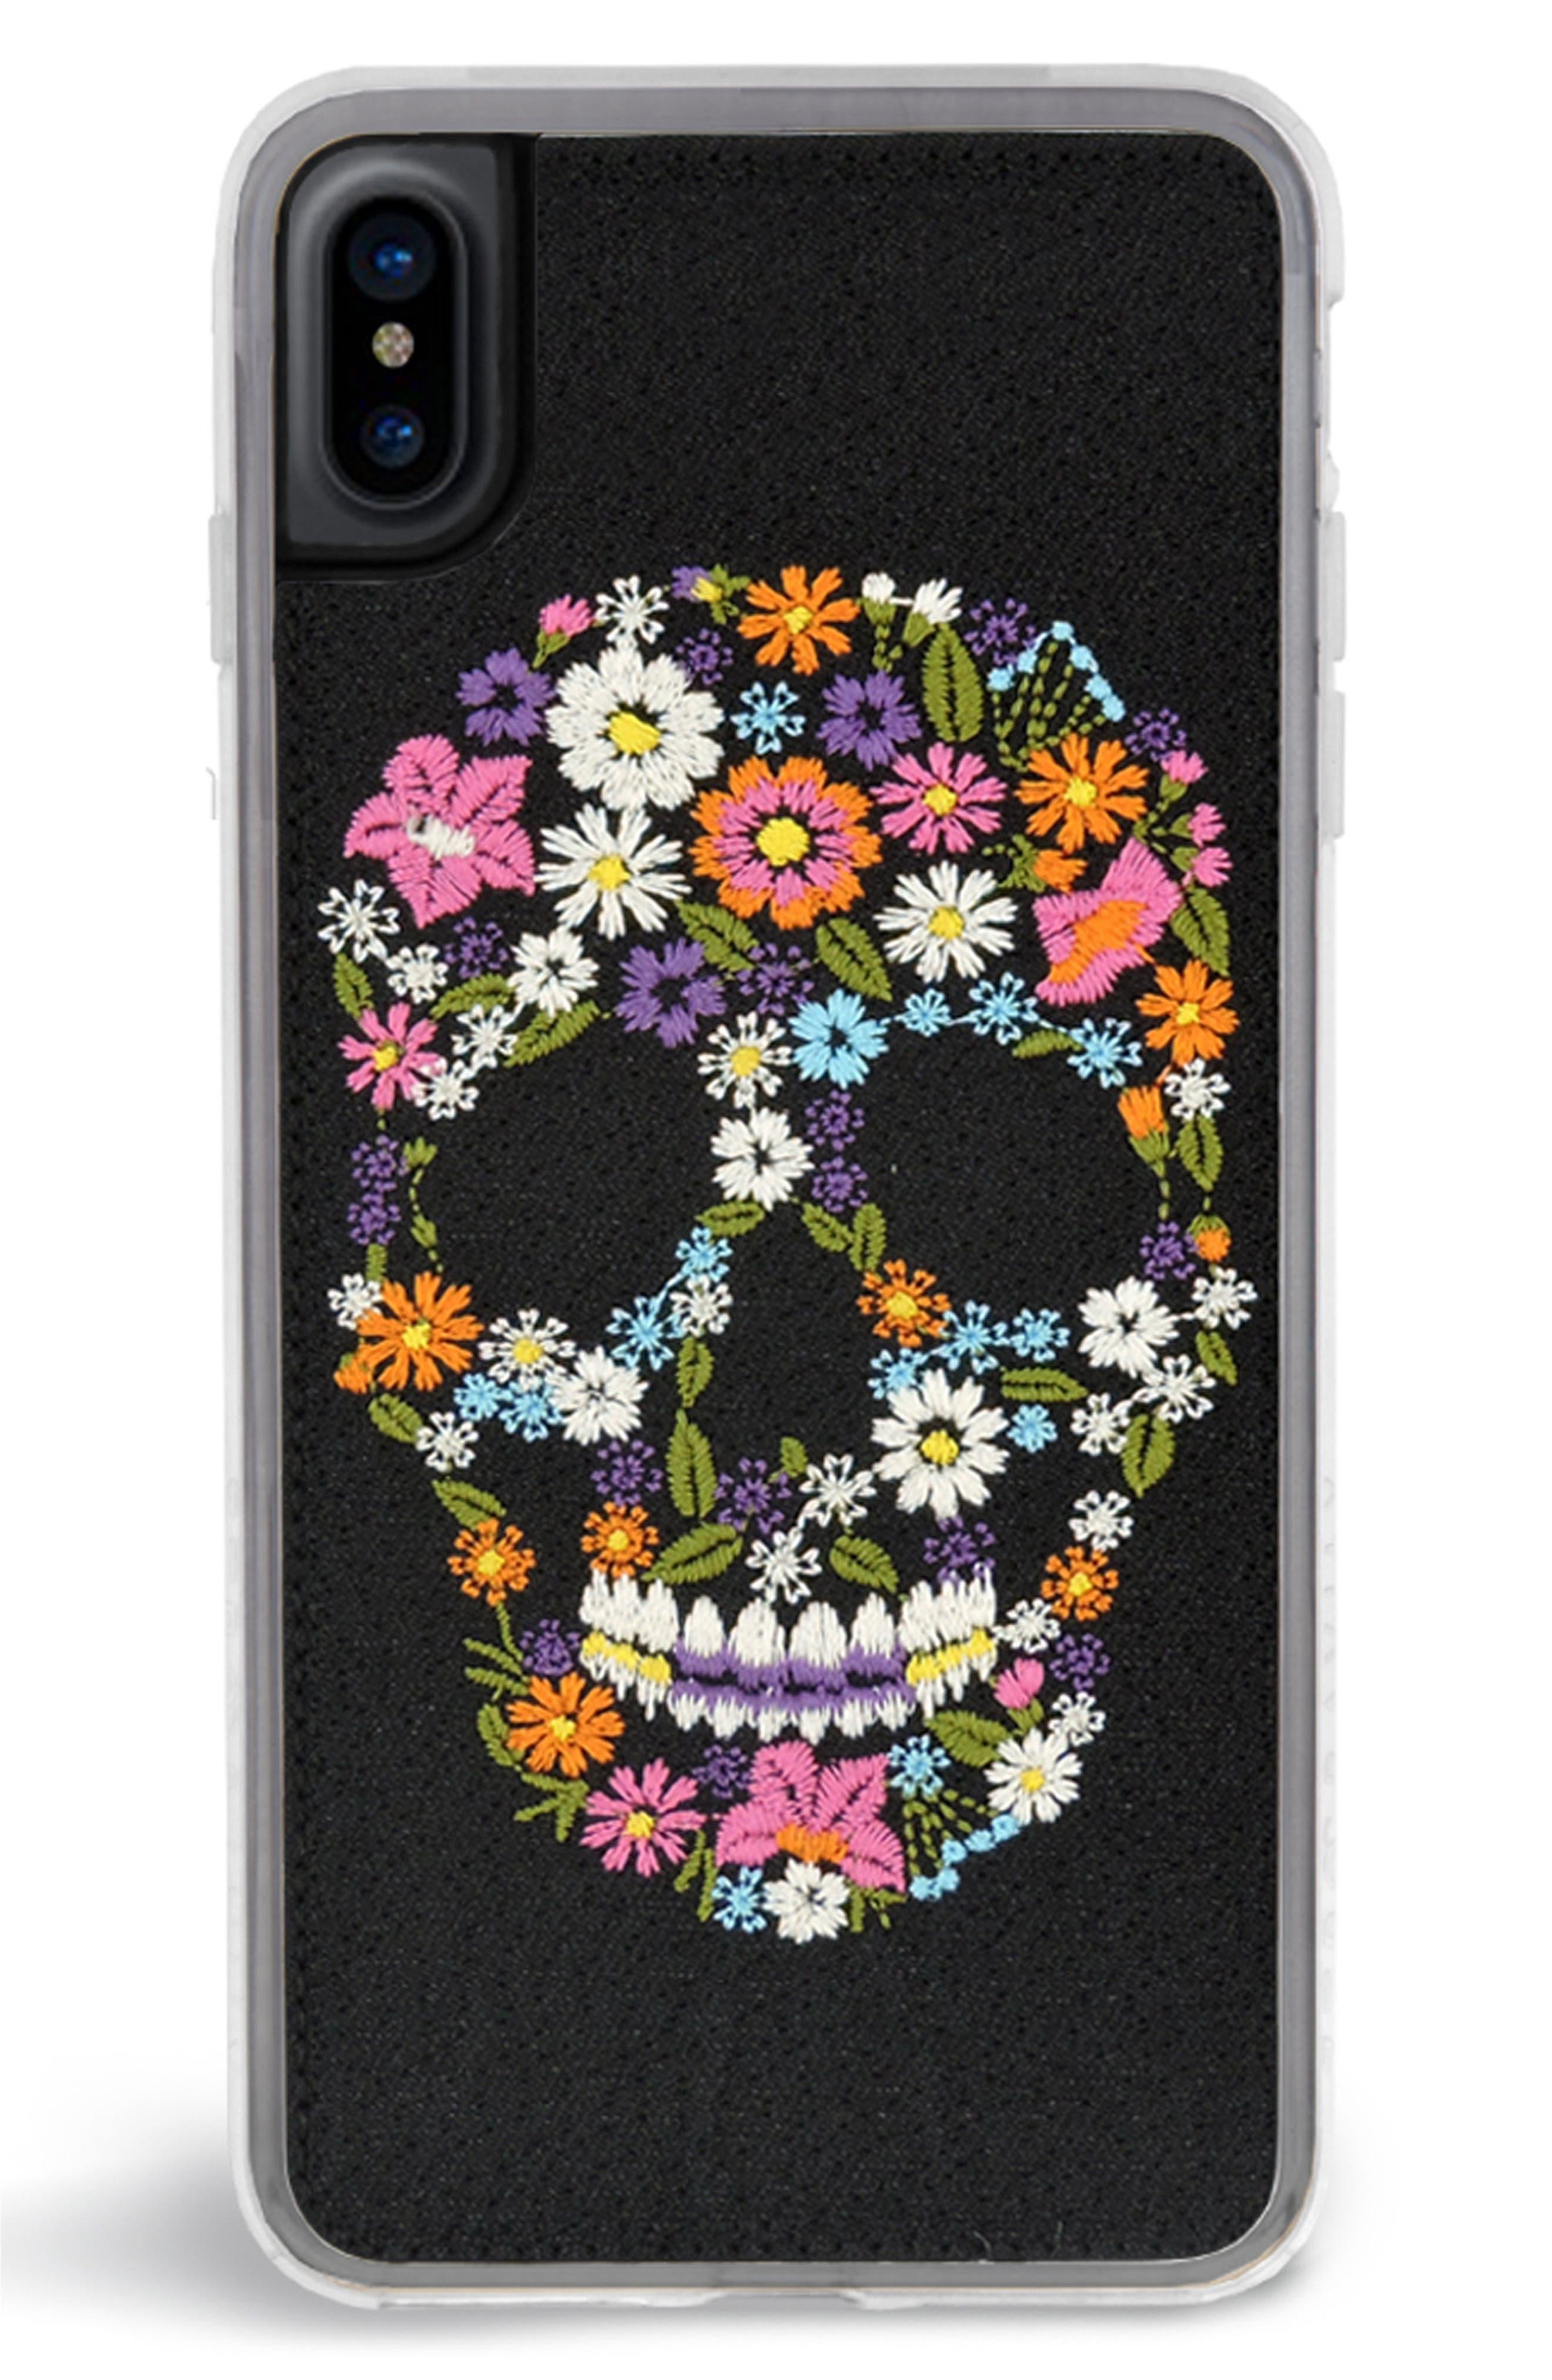 Calavera iPhone X Case,                         Main,                         color, Black Multi